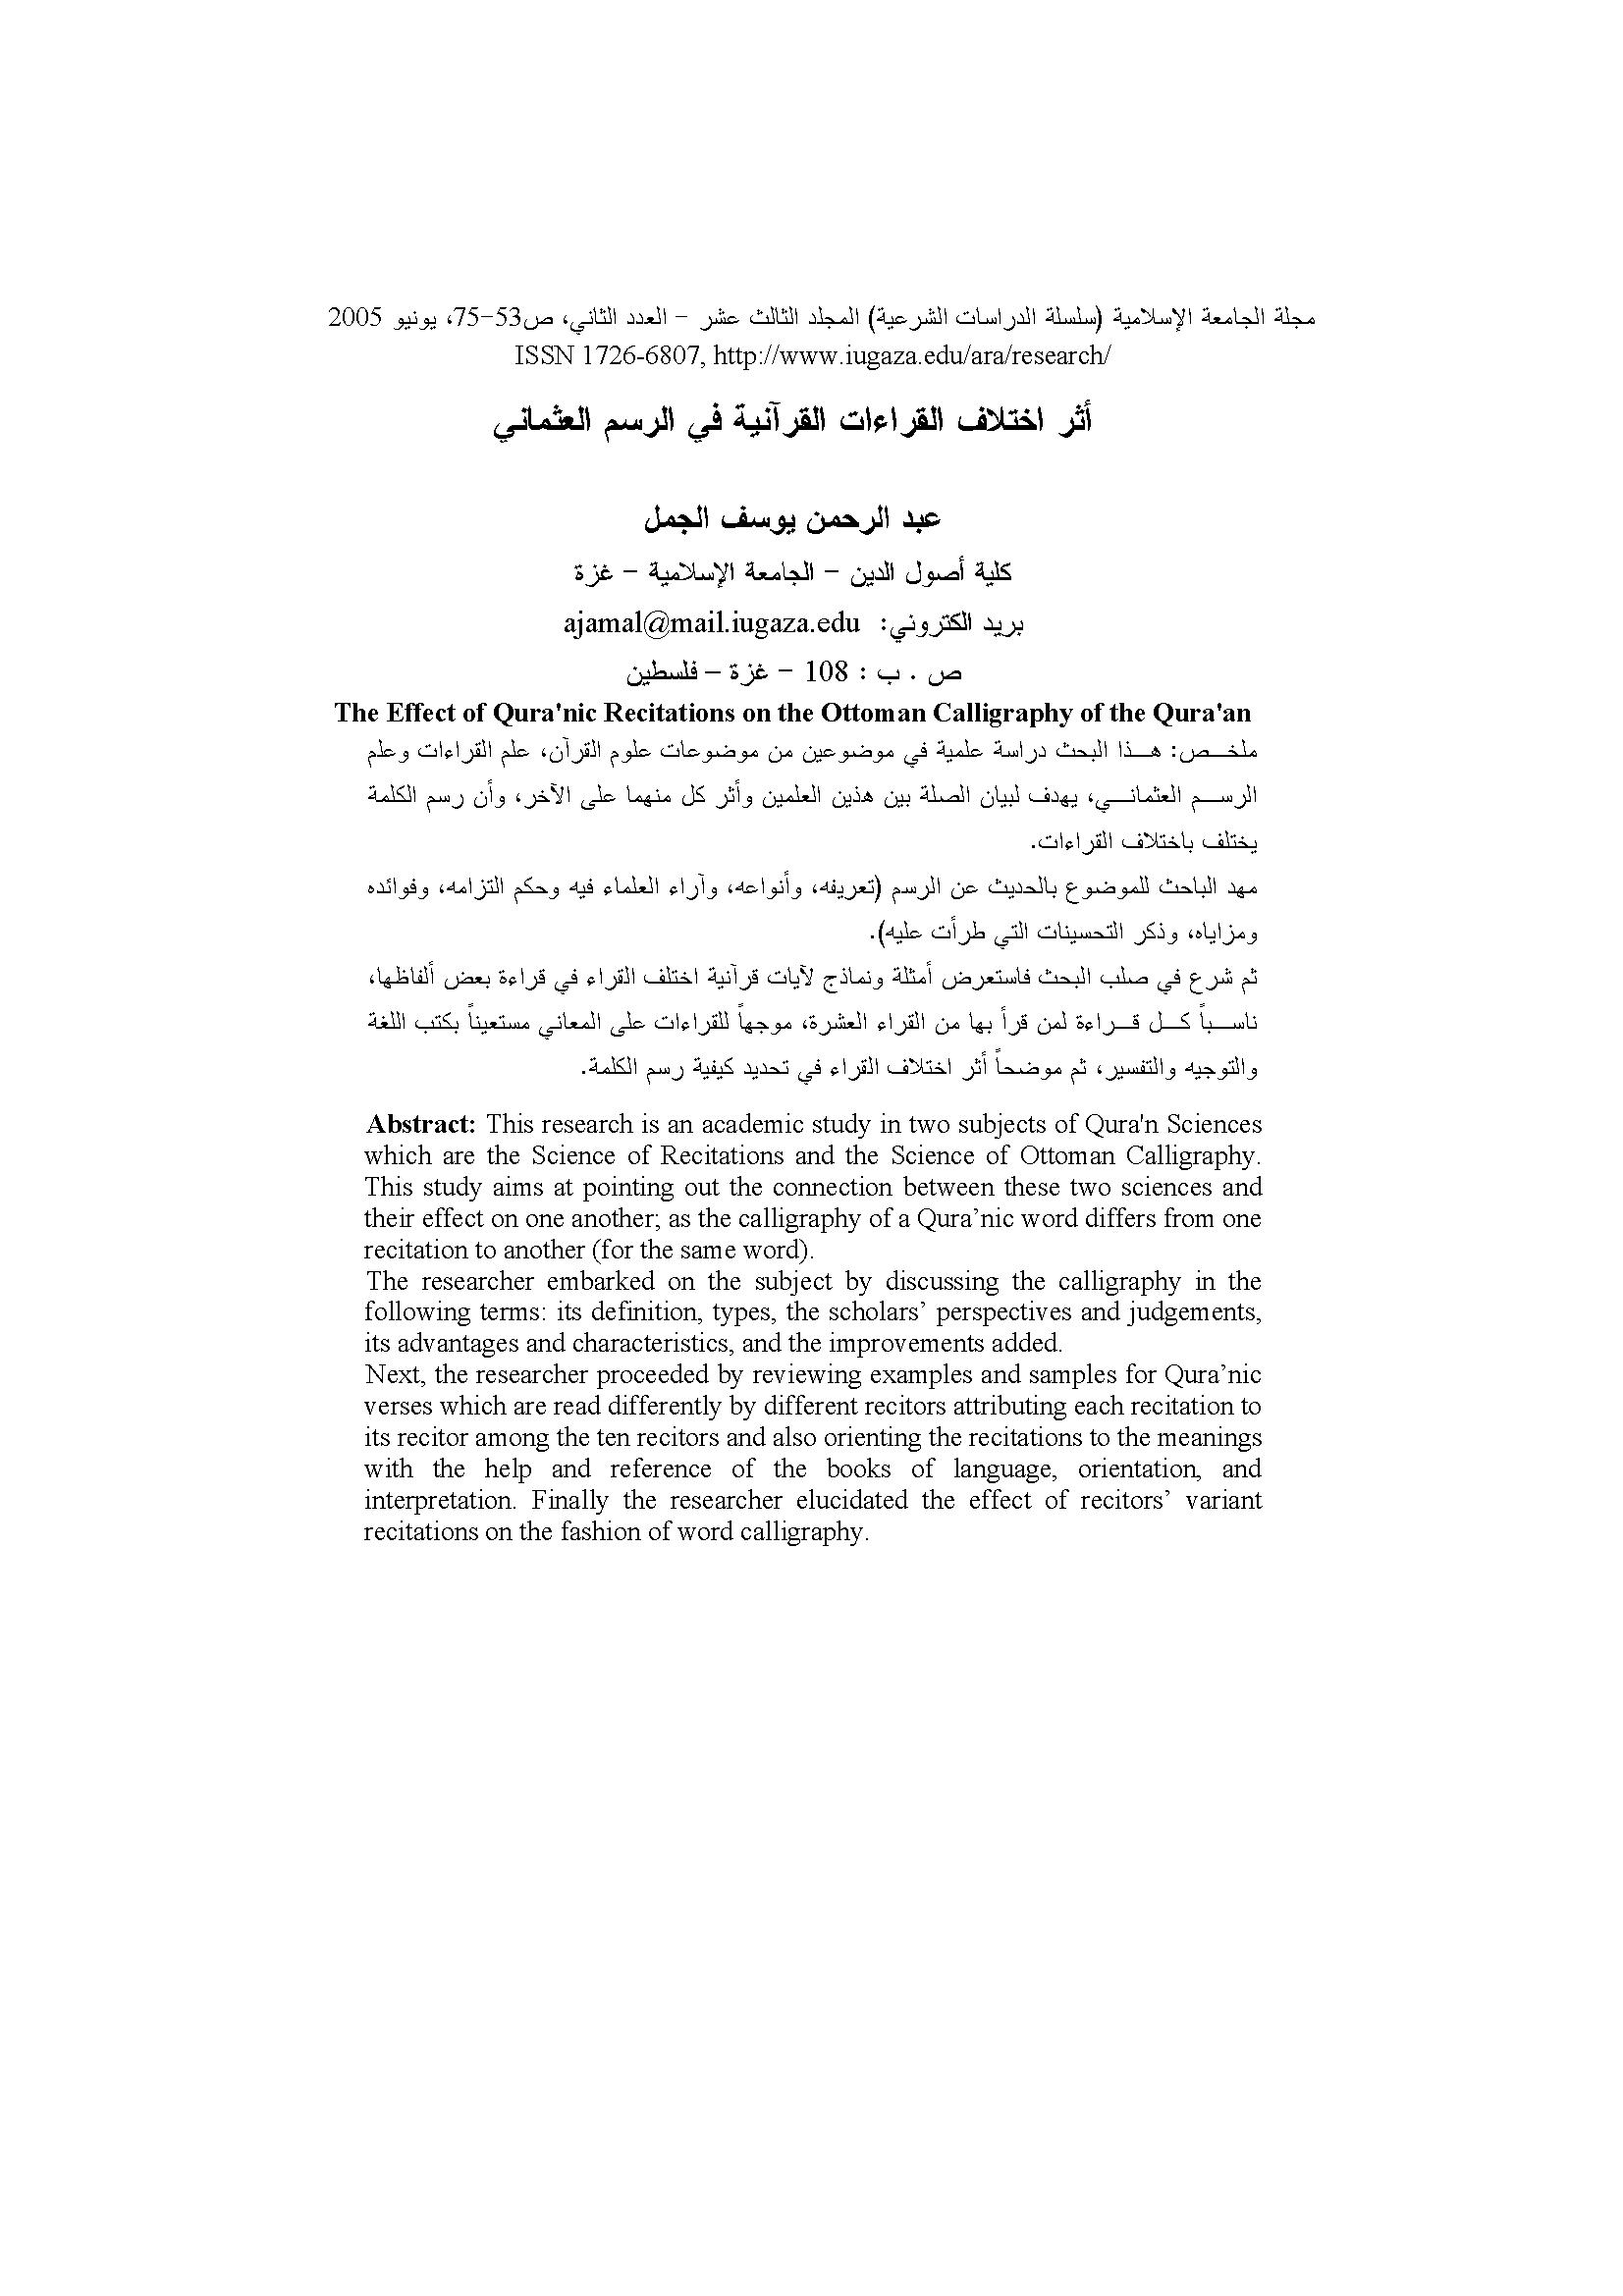 تحميل كتاب أثر اختلاف القراءات القرآنية في الرسم العثماني لـِ: الدكتور عبد الرحمن يوسف أحمد الجمل